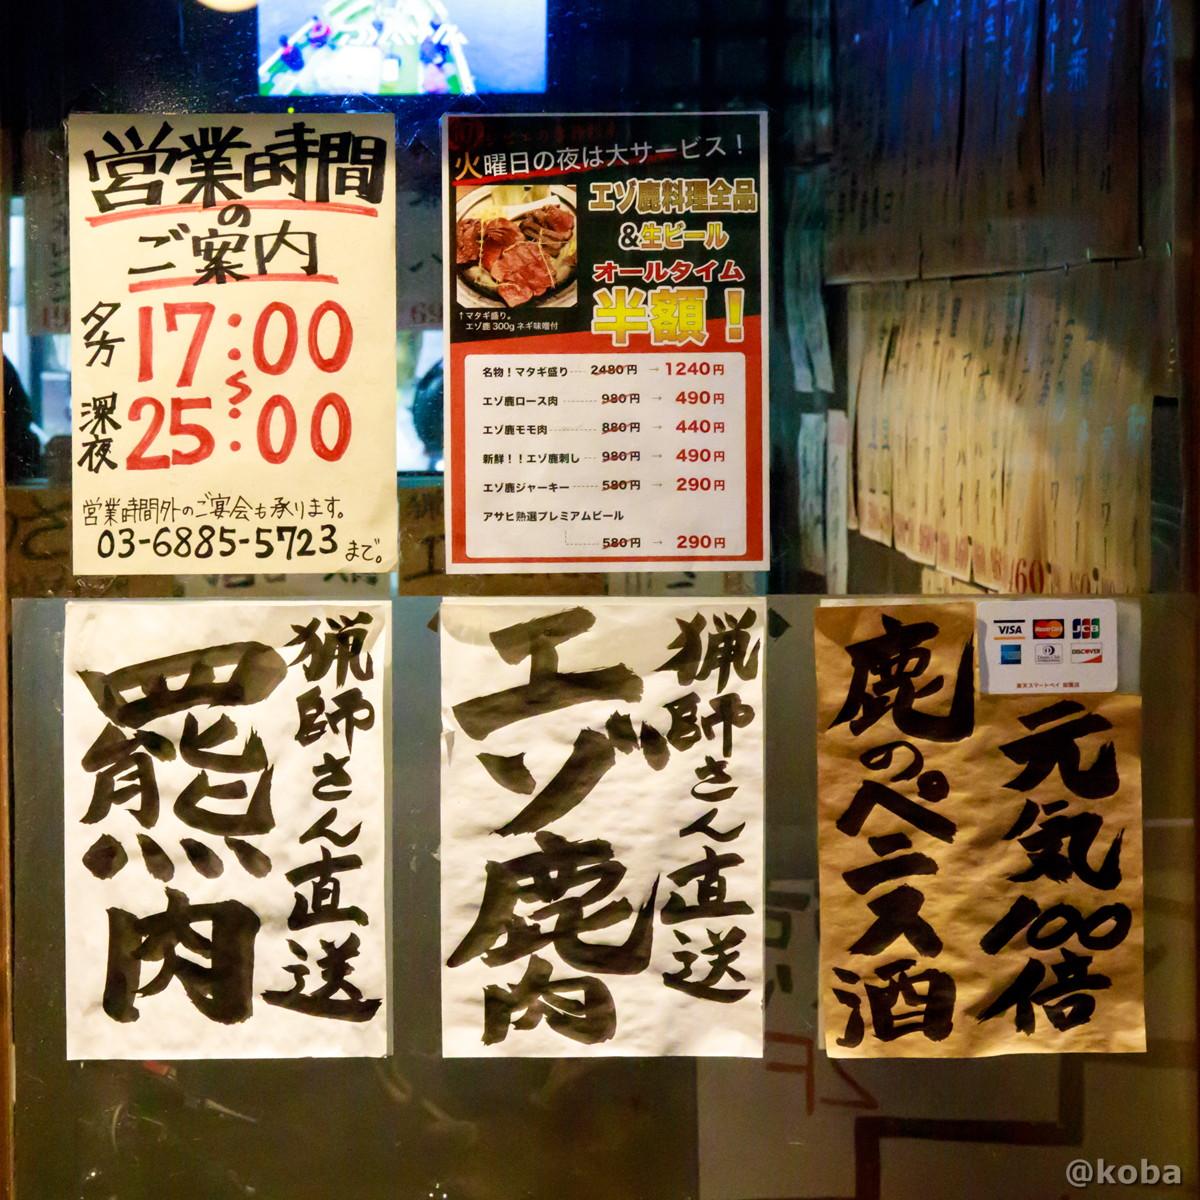 営業時間 マタギ東京 錦糸町